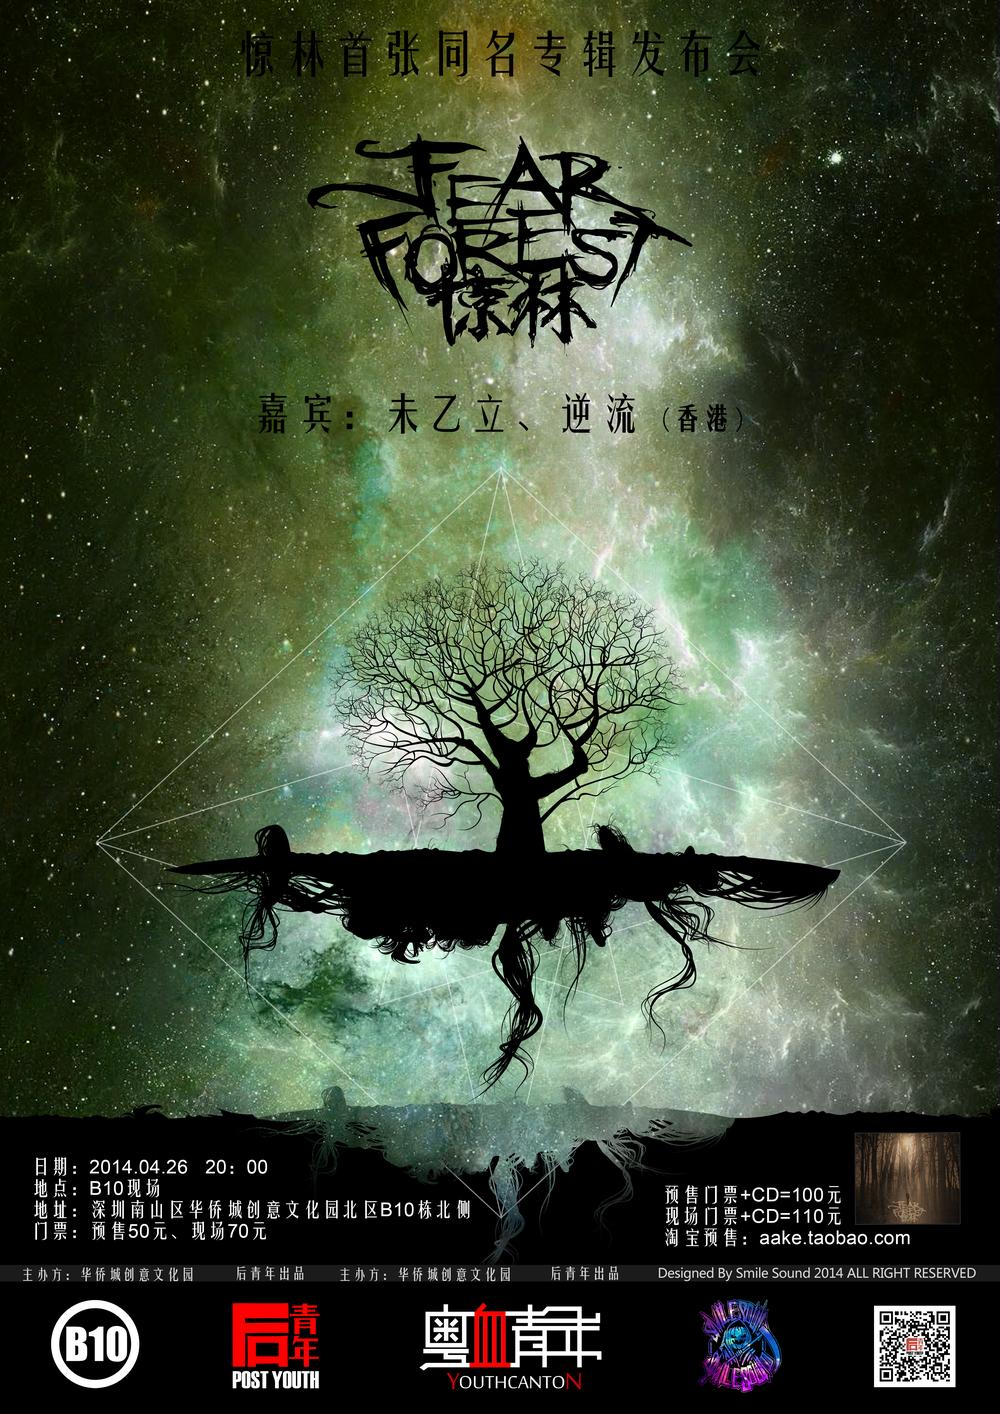 惊林poster 拷贝.jpg